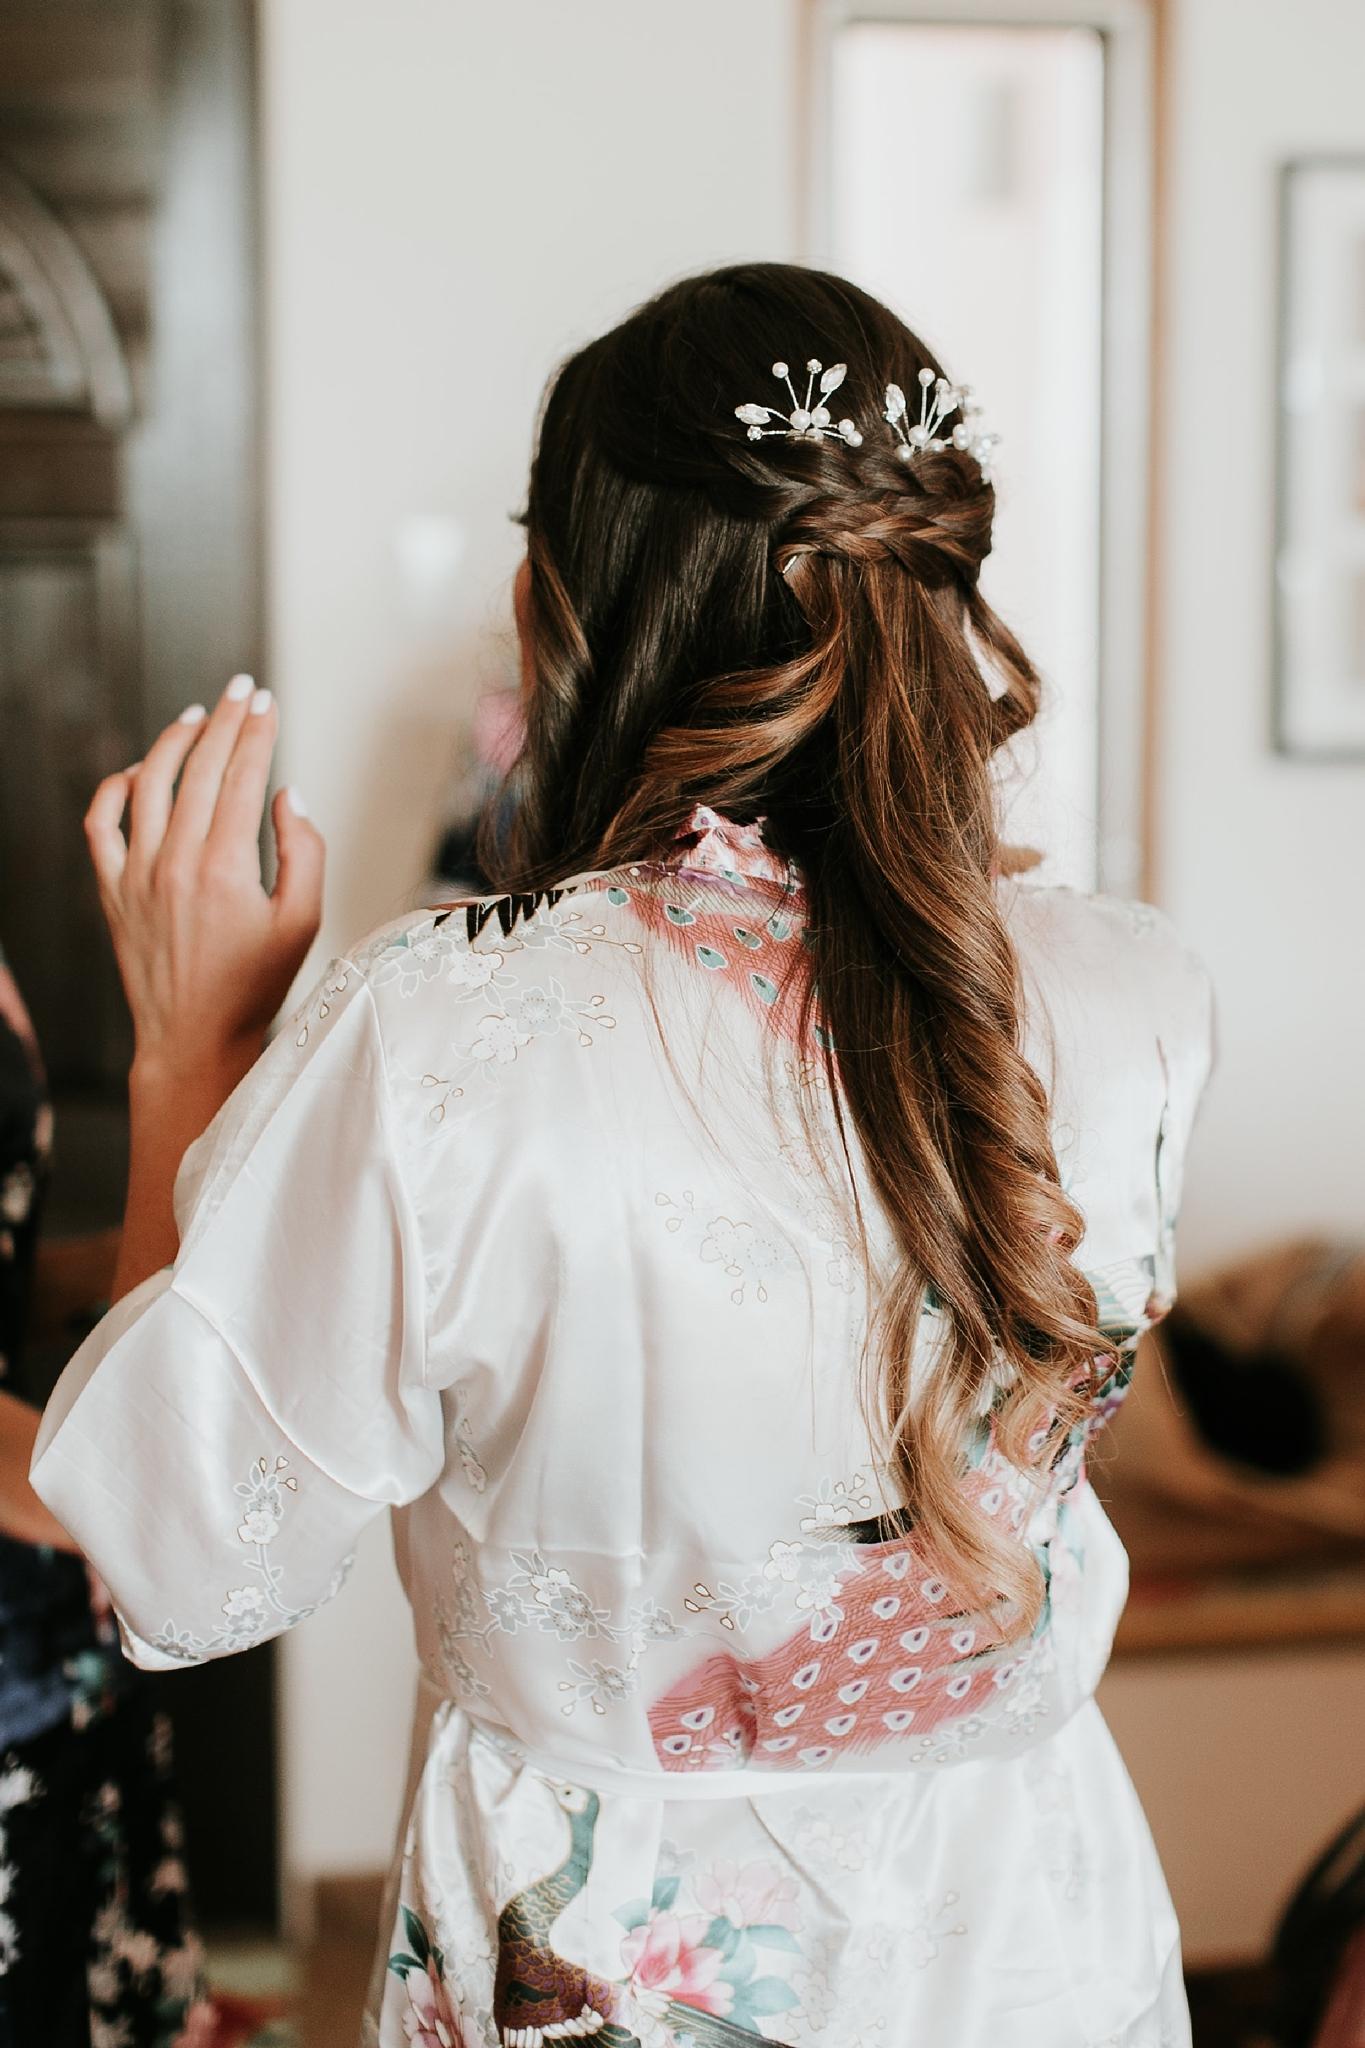 Alicia+lucia+photography+-+albuquerque+wedding+photographer+-+santa+fe+wedding+photography+-+new+mexico+wedding+photographer+-+new+mexico+wedding+-+new+mexico+wedding+-+new+mexico+mua+hairstylist+-+genica+lee+hair+makeup_0021.jpg